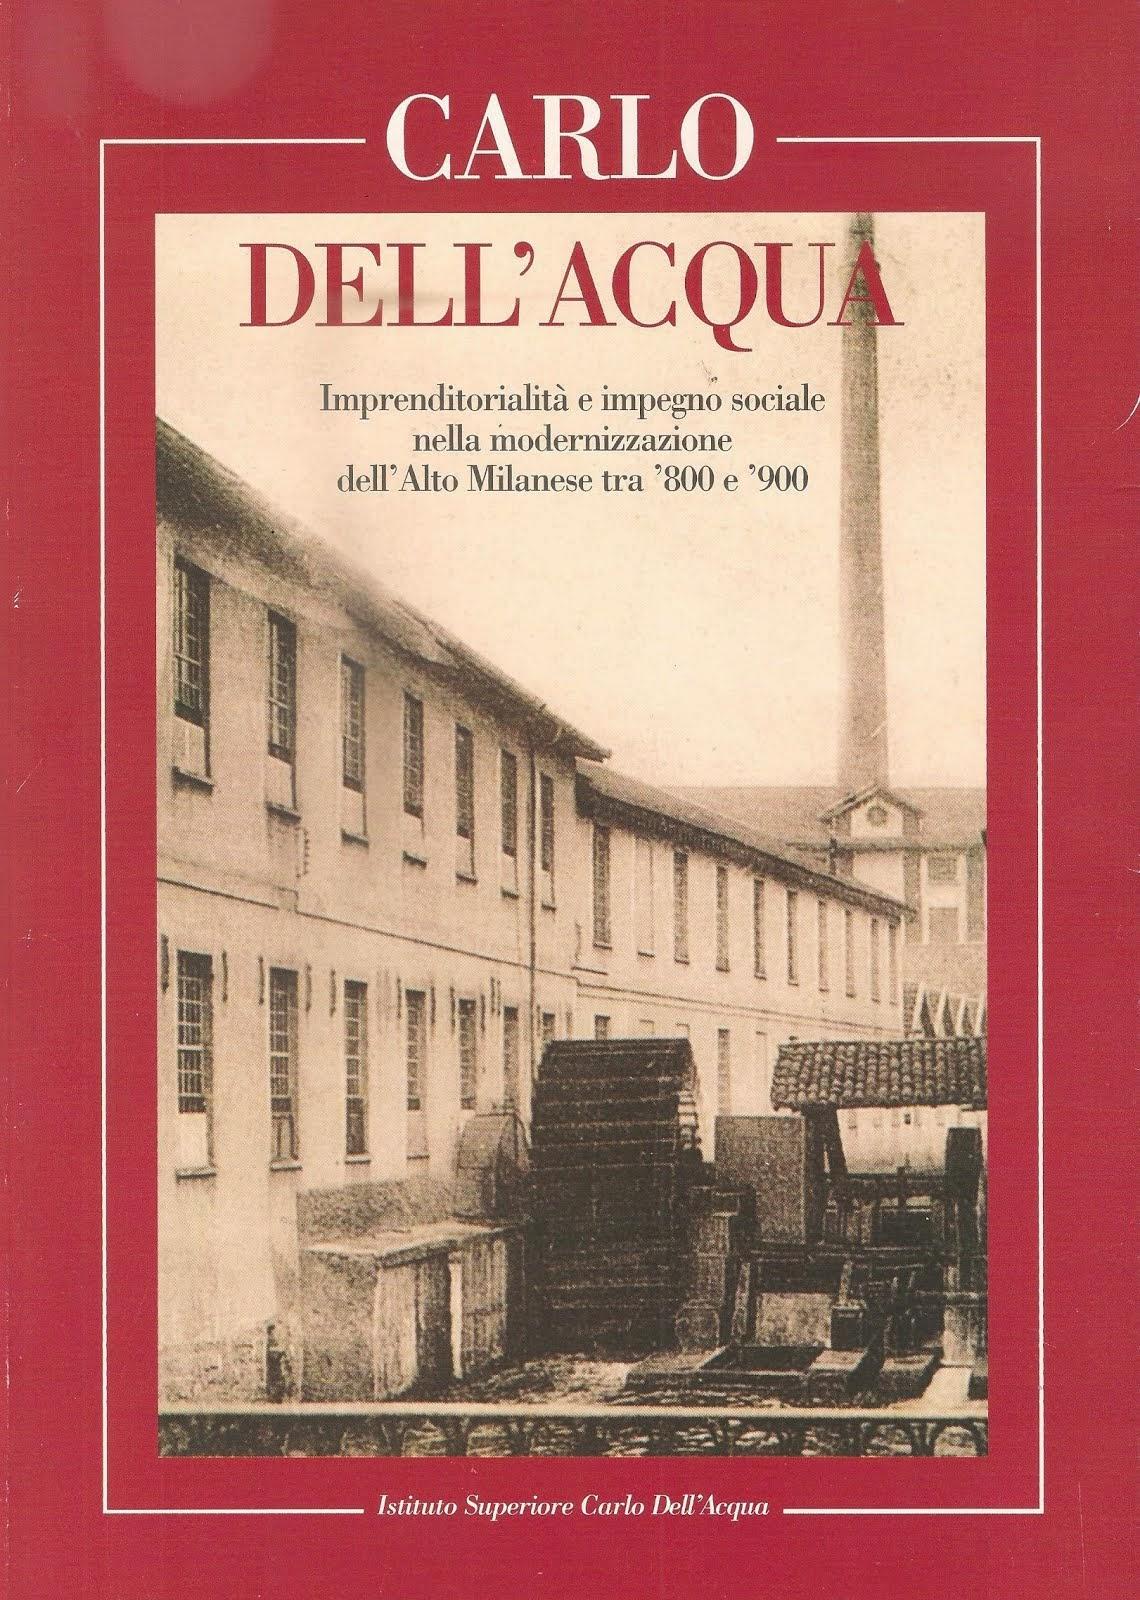 Carlo Dell'Acqua